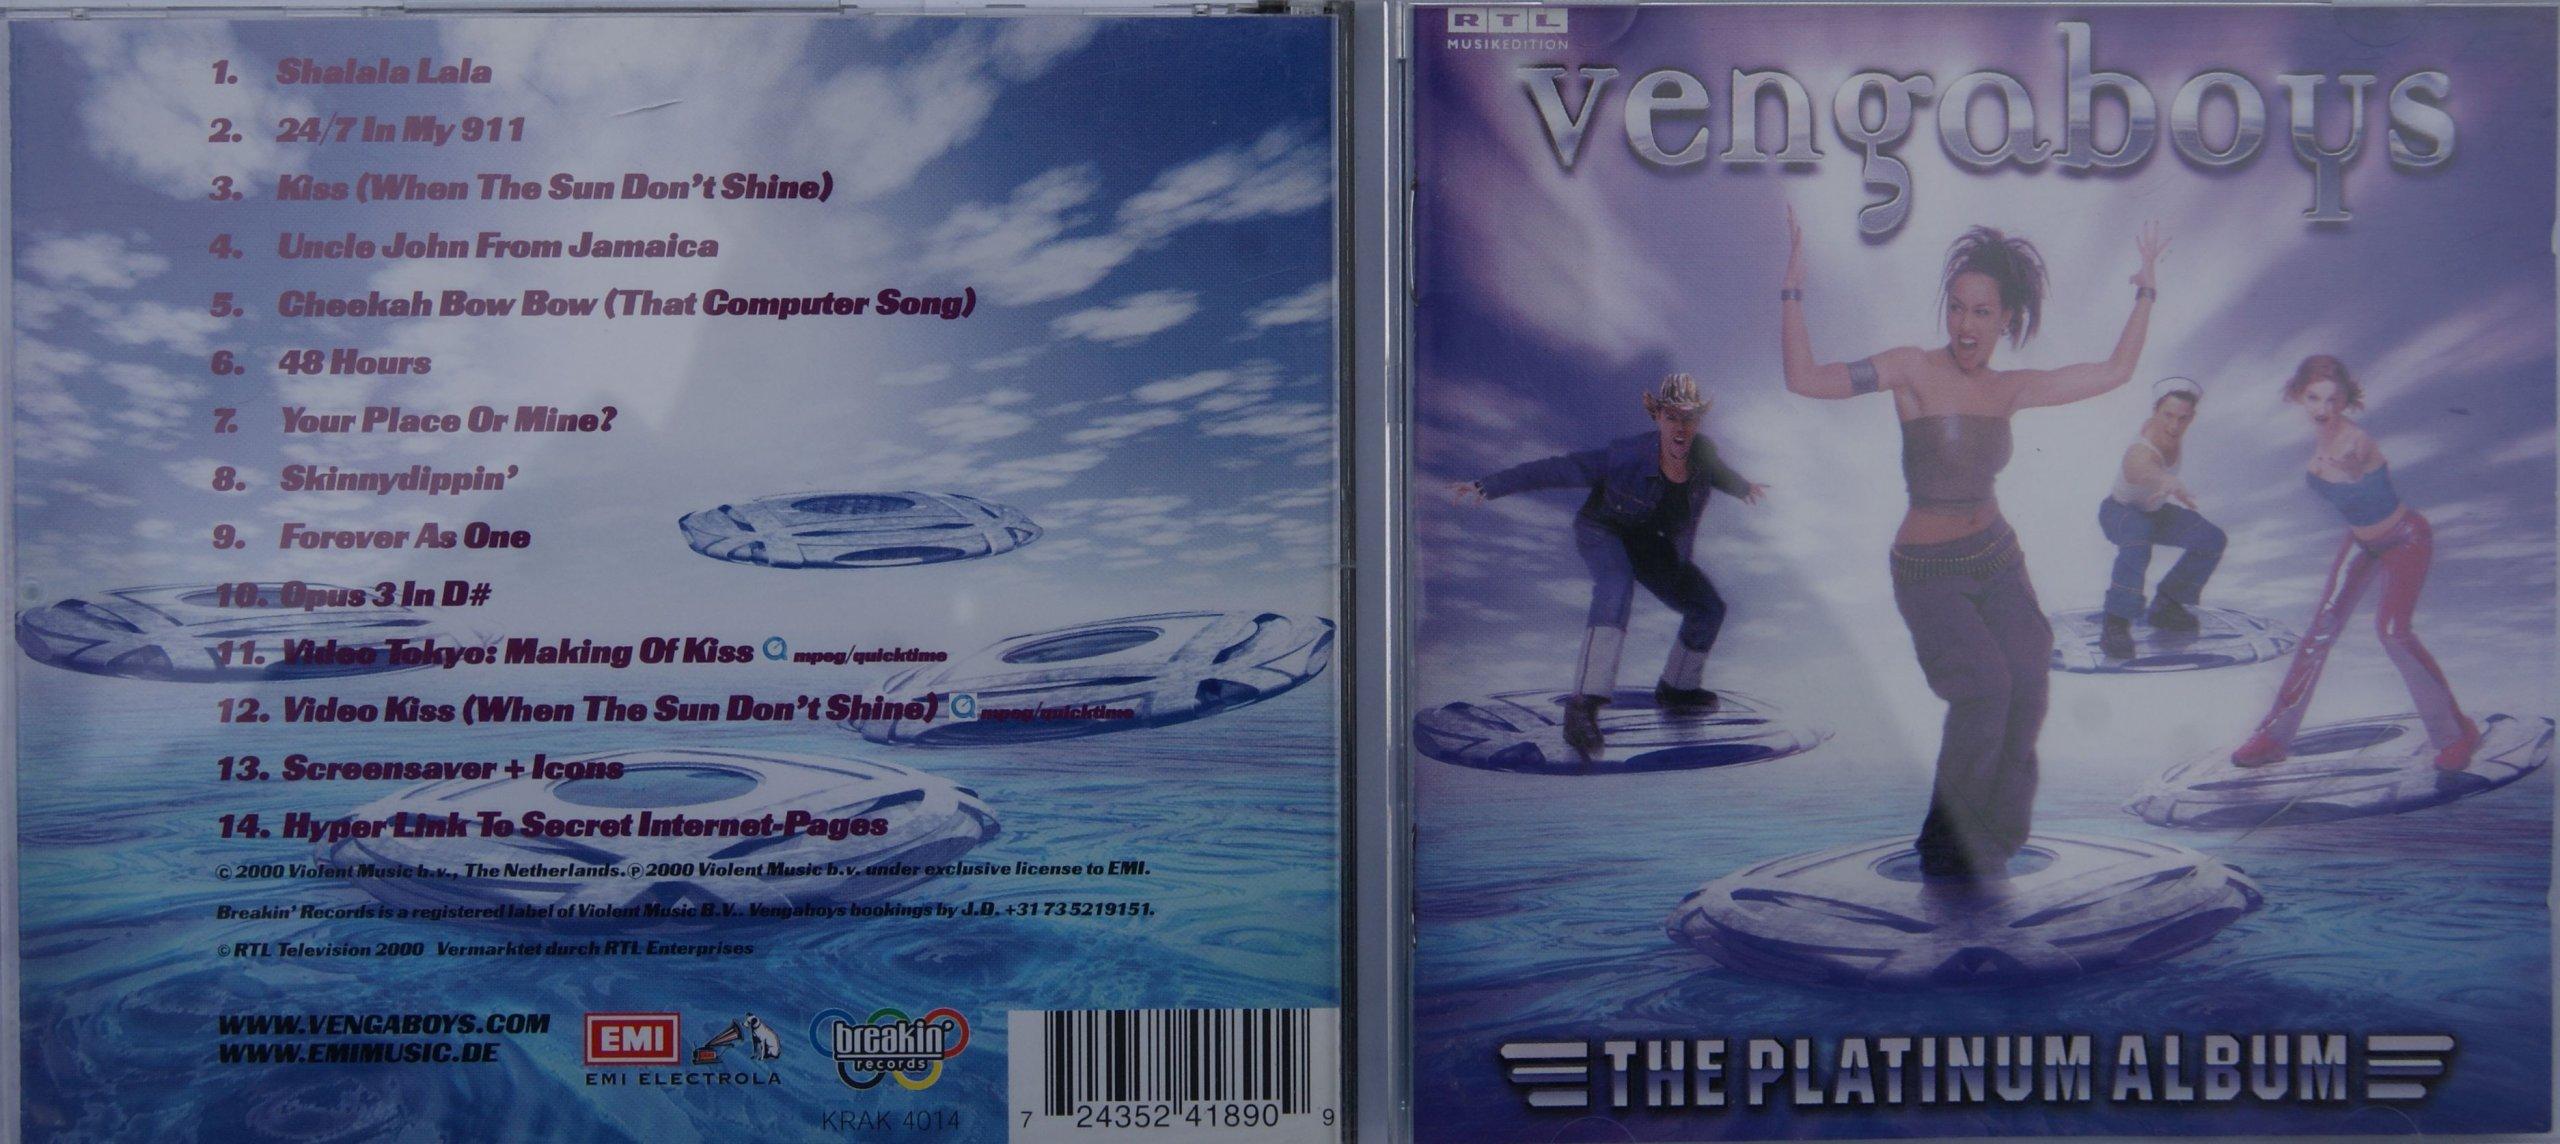 VENGABOYS - THE PLATINUM ALBUM [CD] - 6976485325 - oficjalne